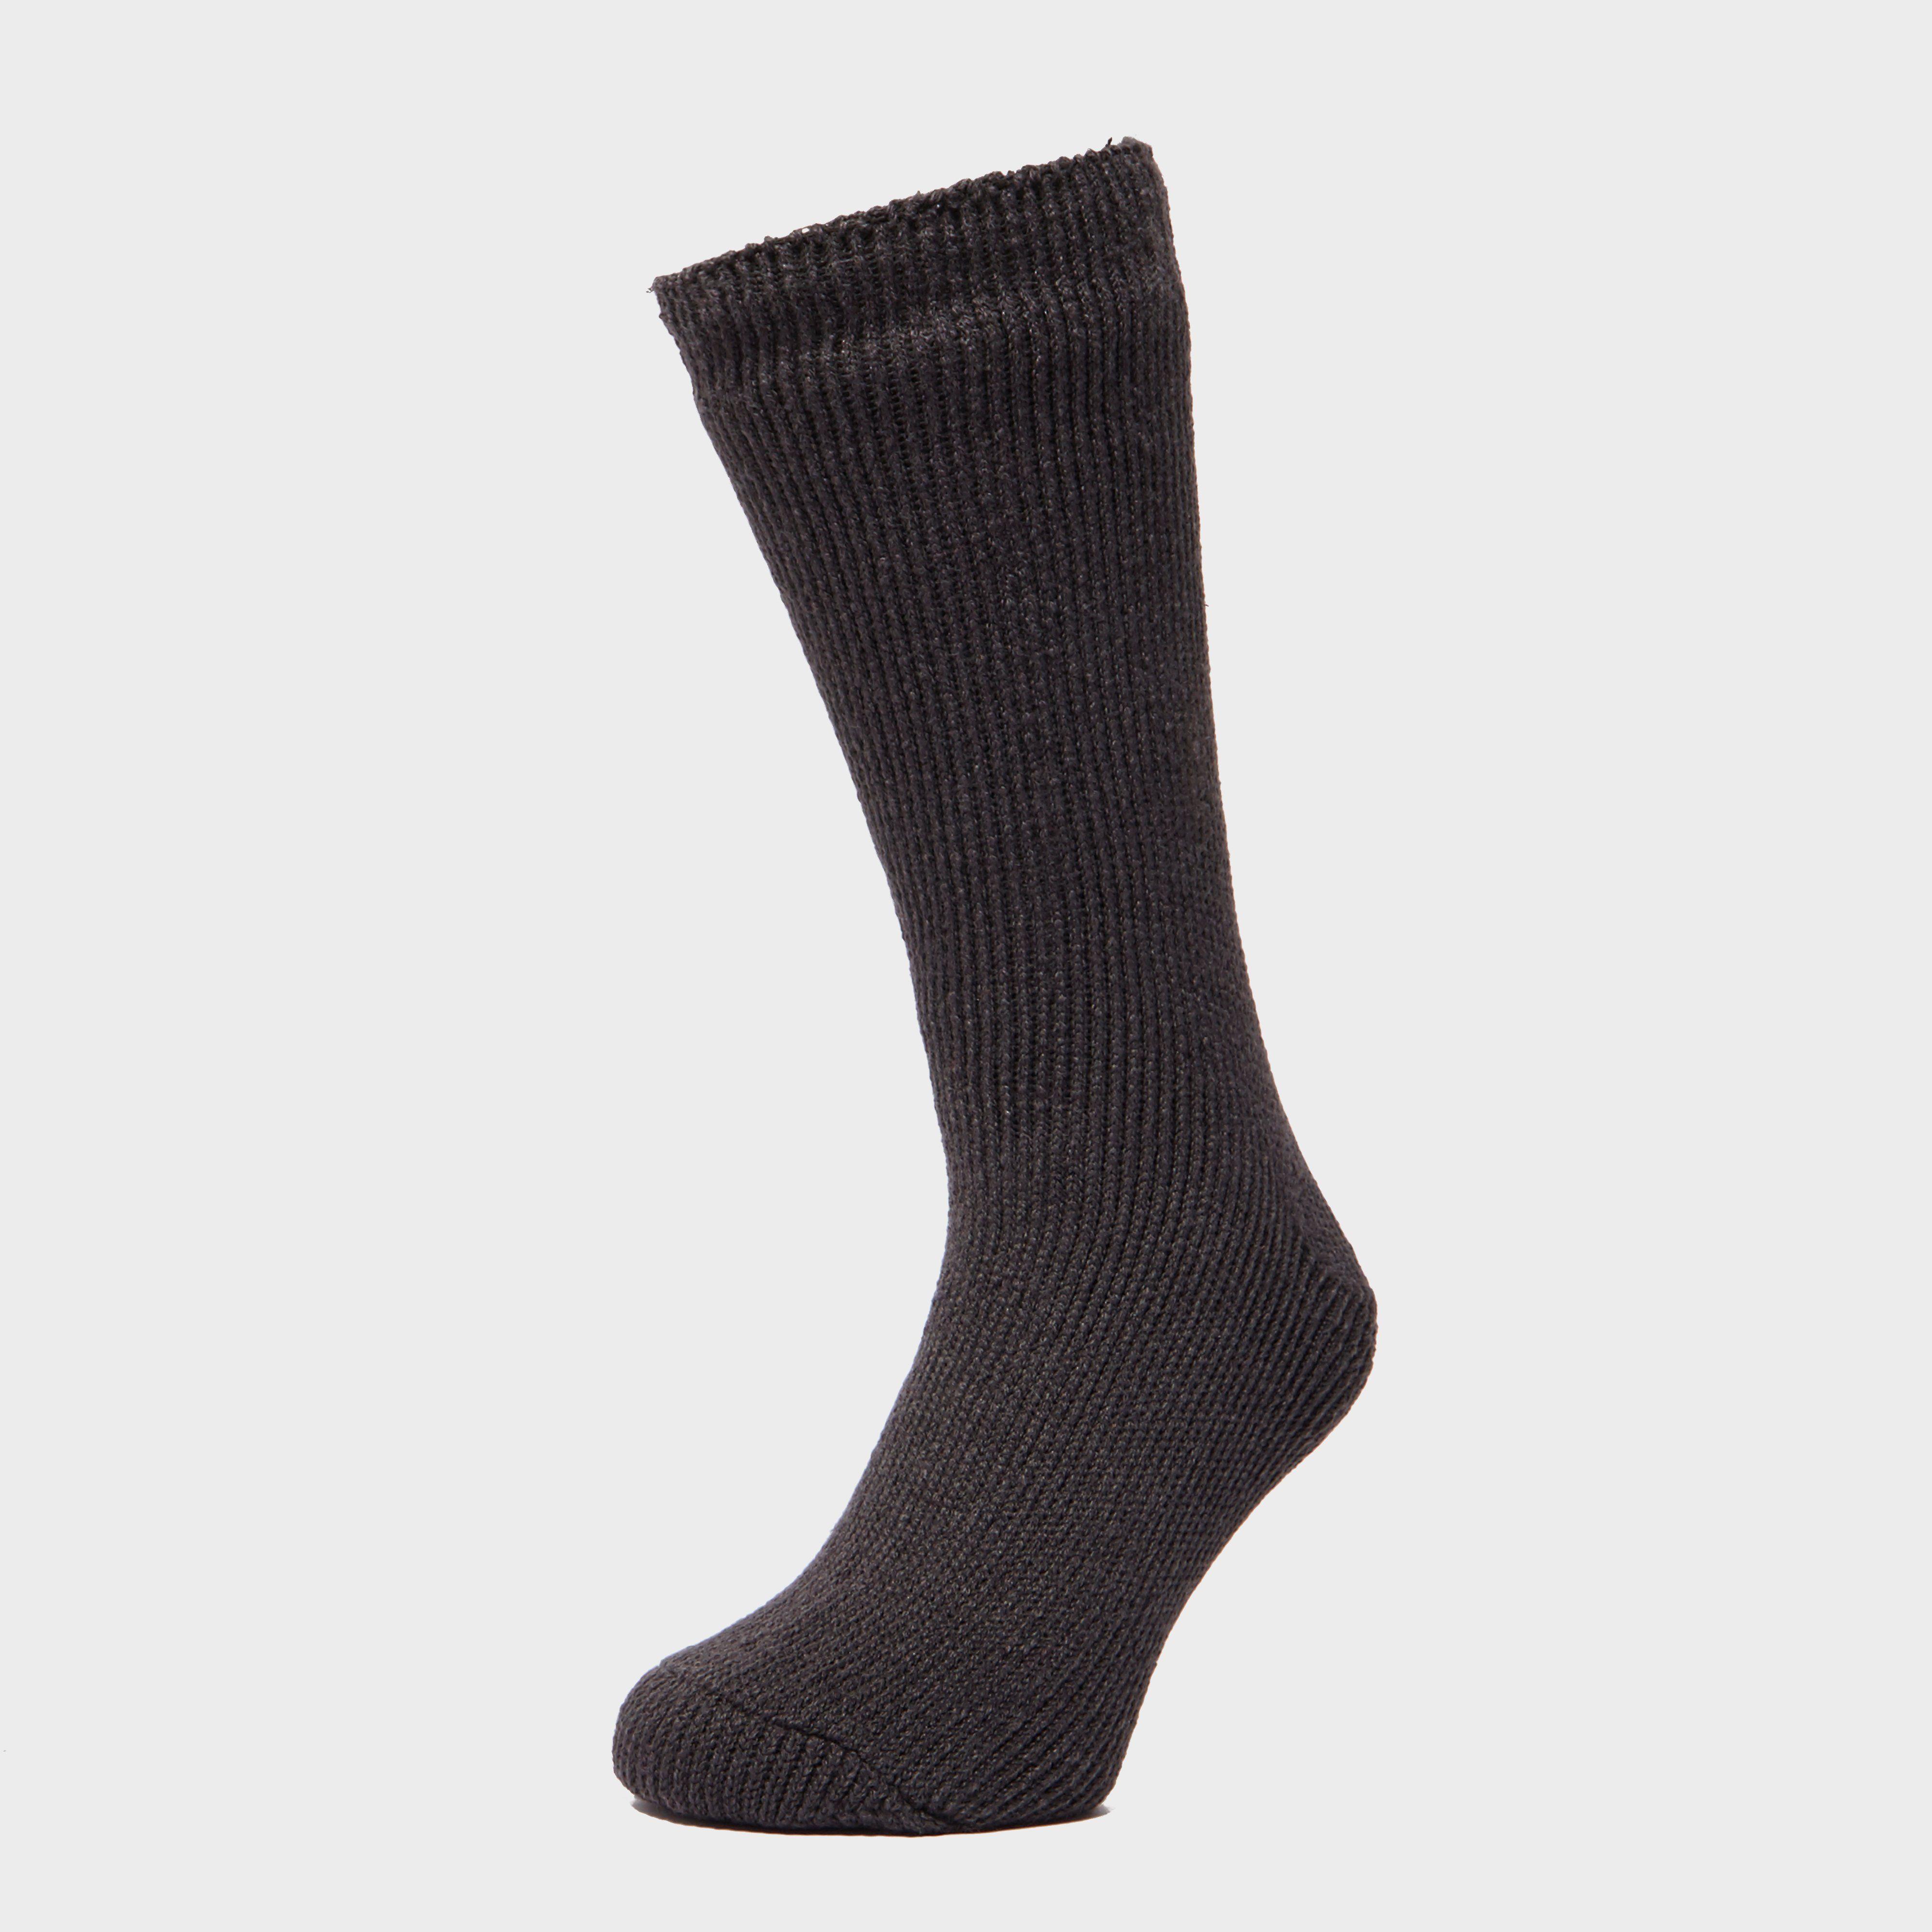 HEAT HOLDERS Men's Original Thermal Socks